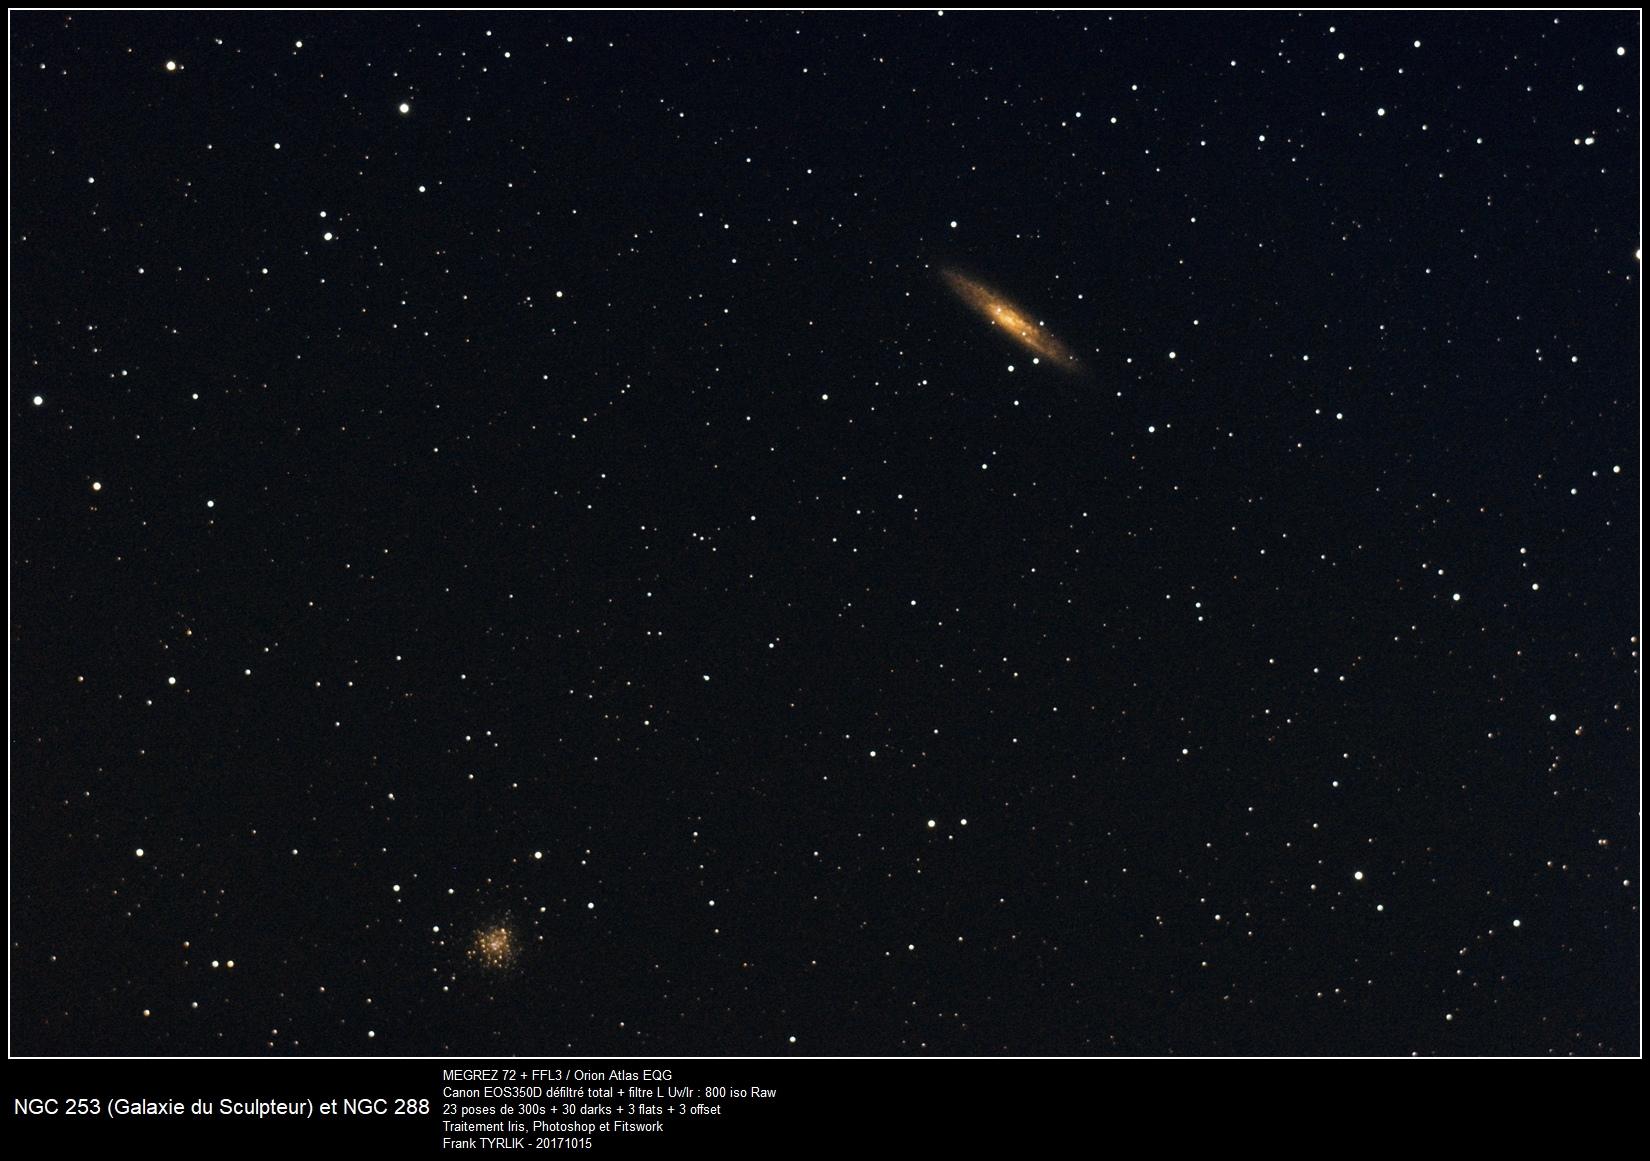 NGC253-NGC288_Megrez72_EOS350d-20171015.jpg